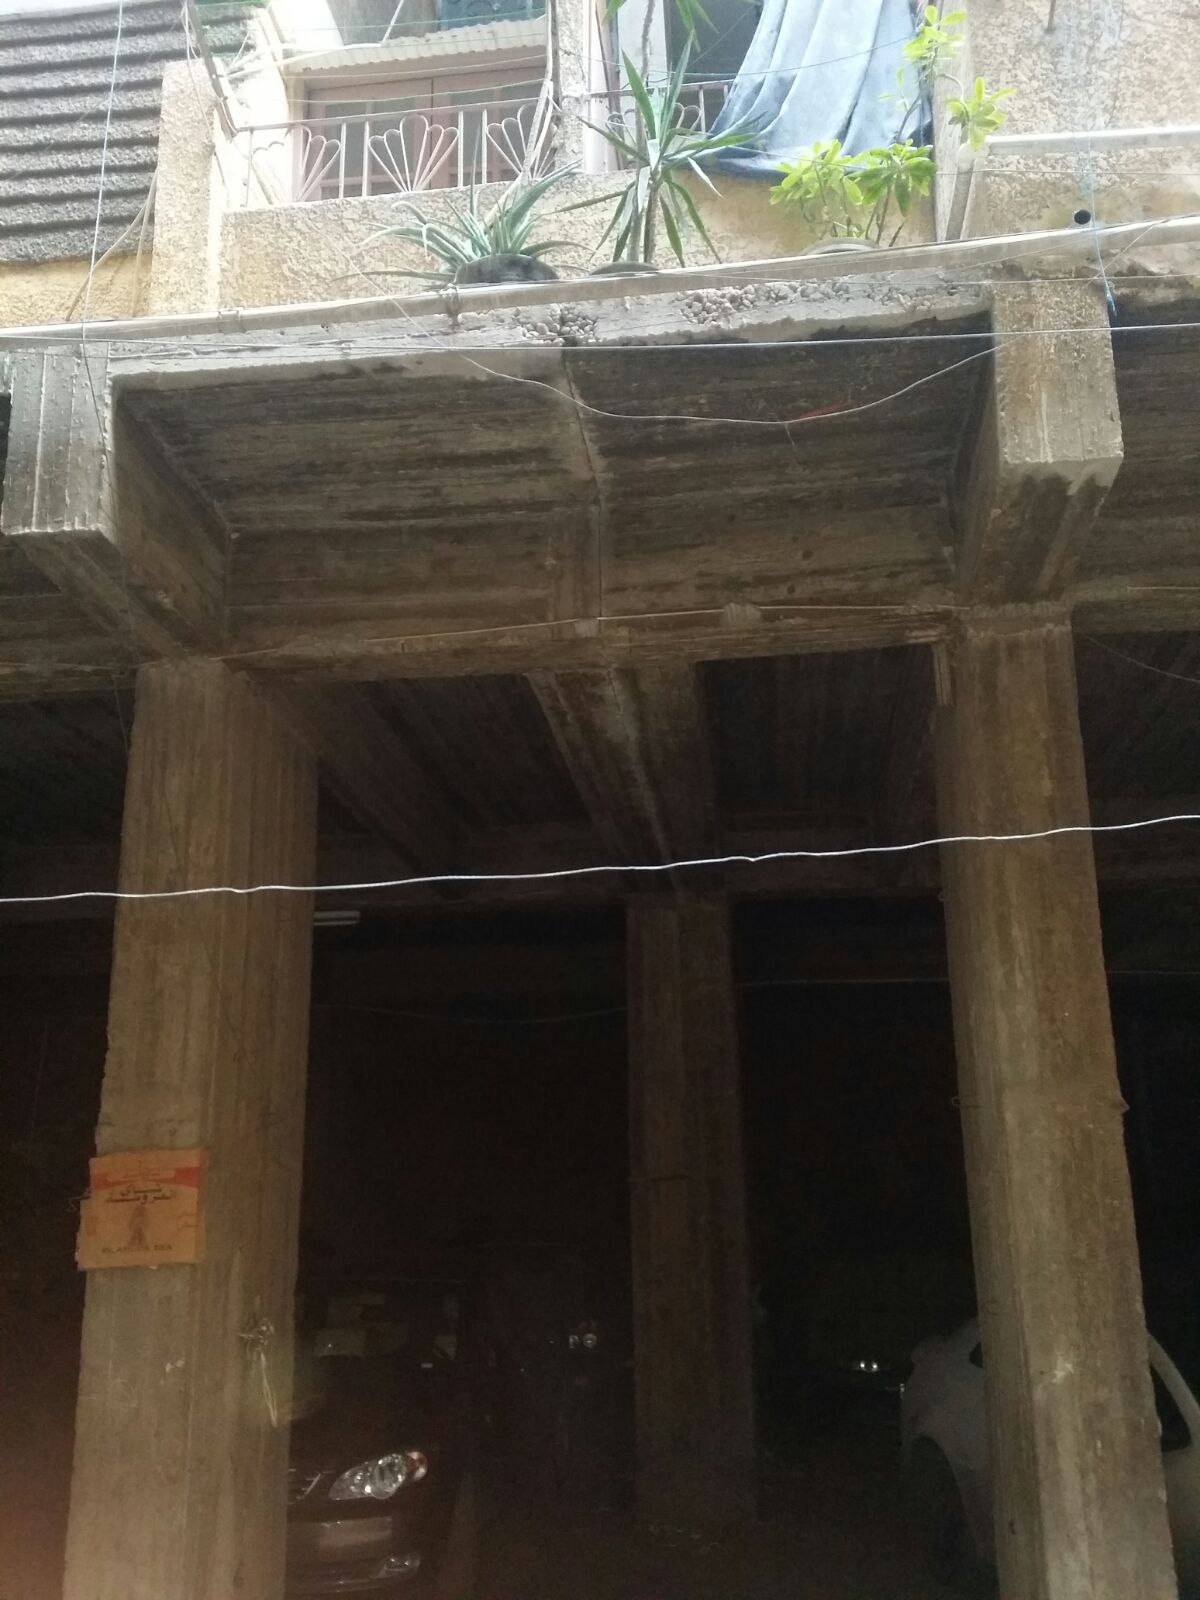 عقار آيل للسقوط يهدد 54 أسرة بعين شمس.. ومواطن: «أبلغنا المسؤولين دون جدوى»